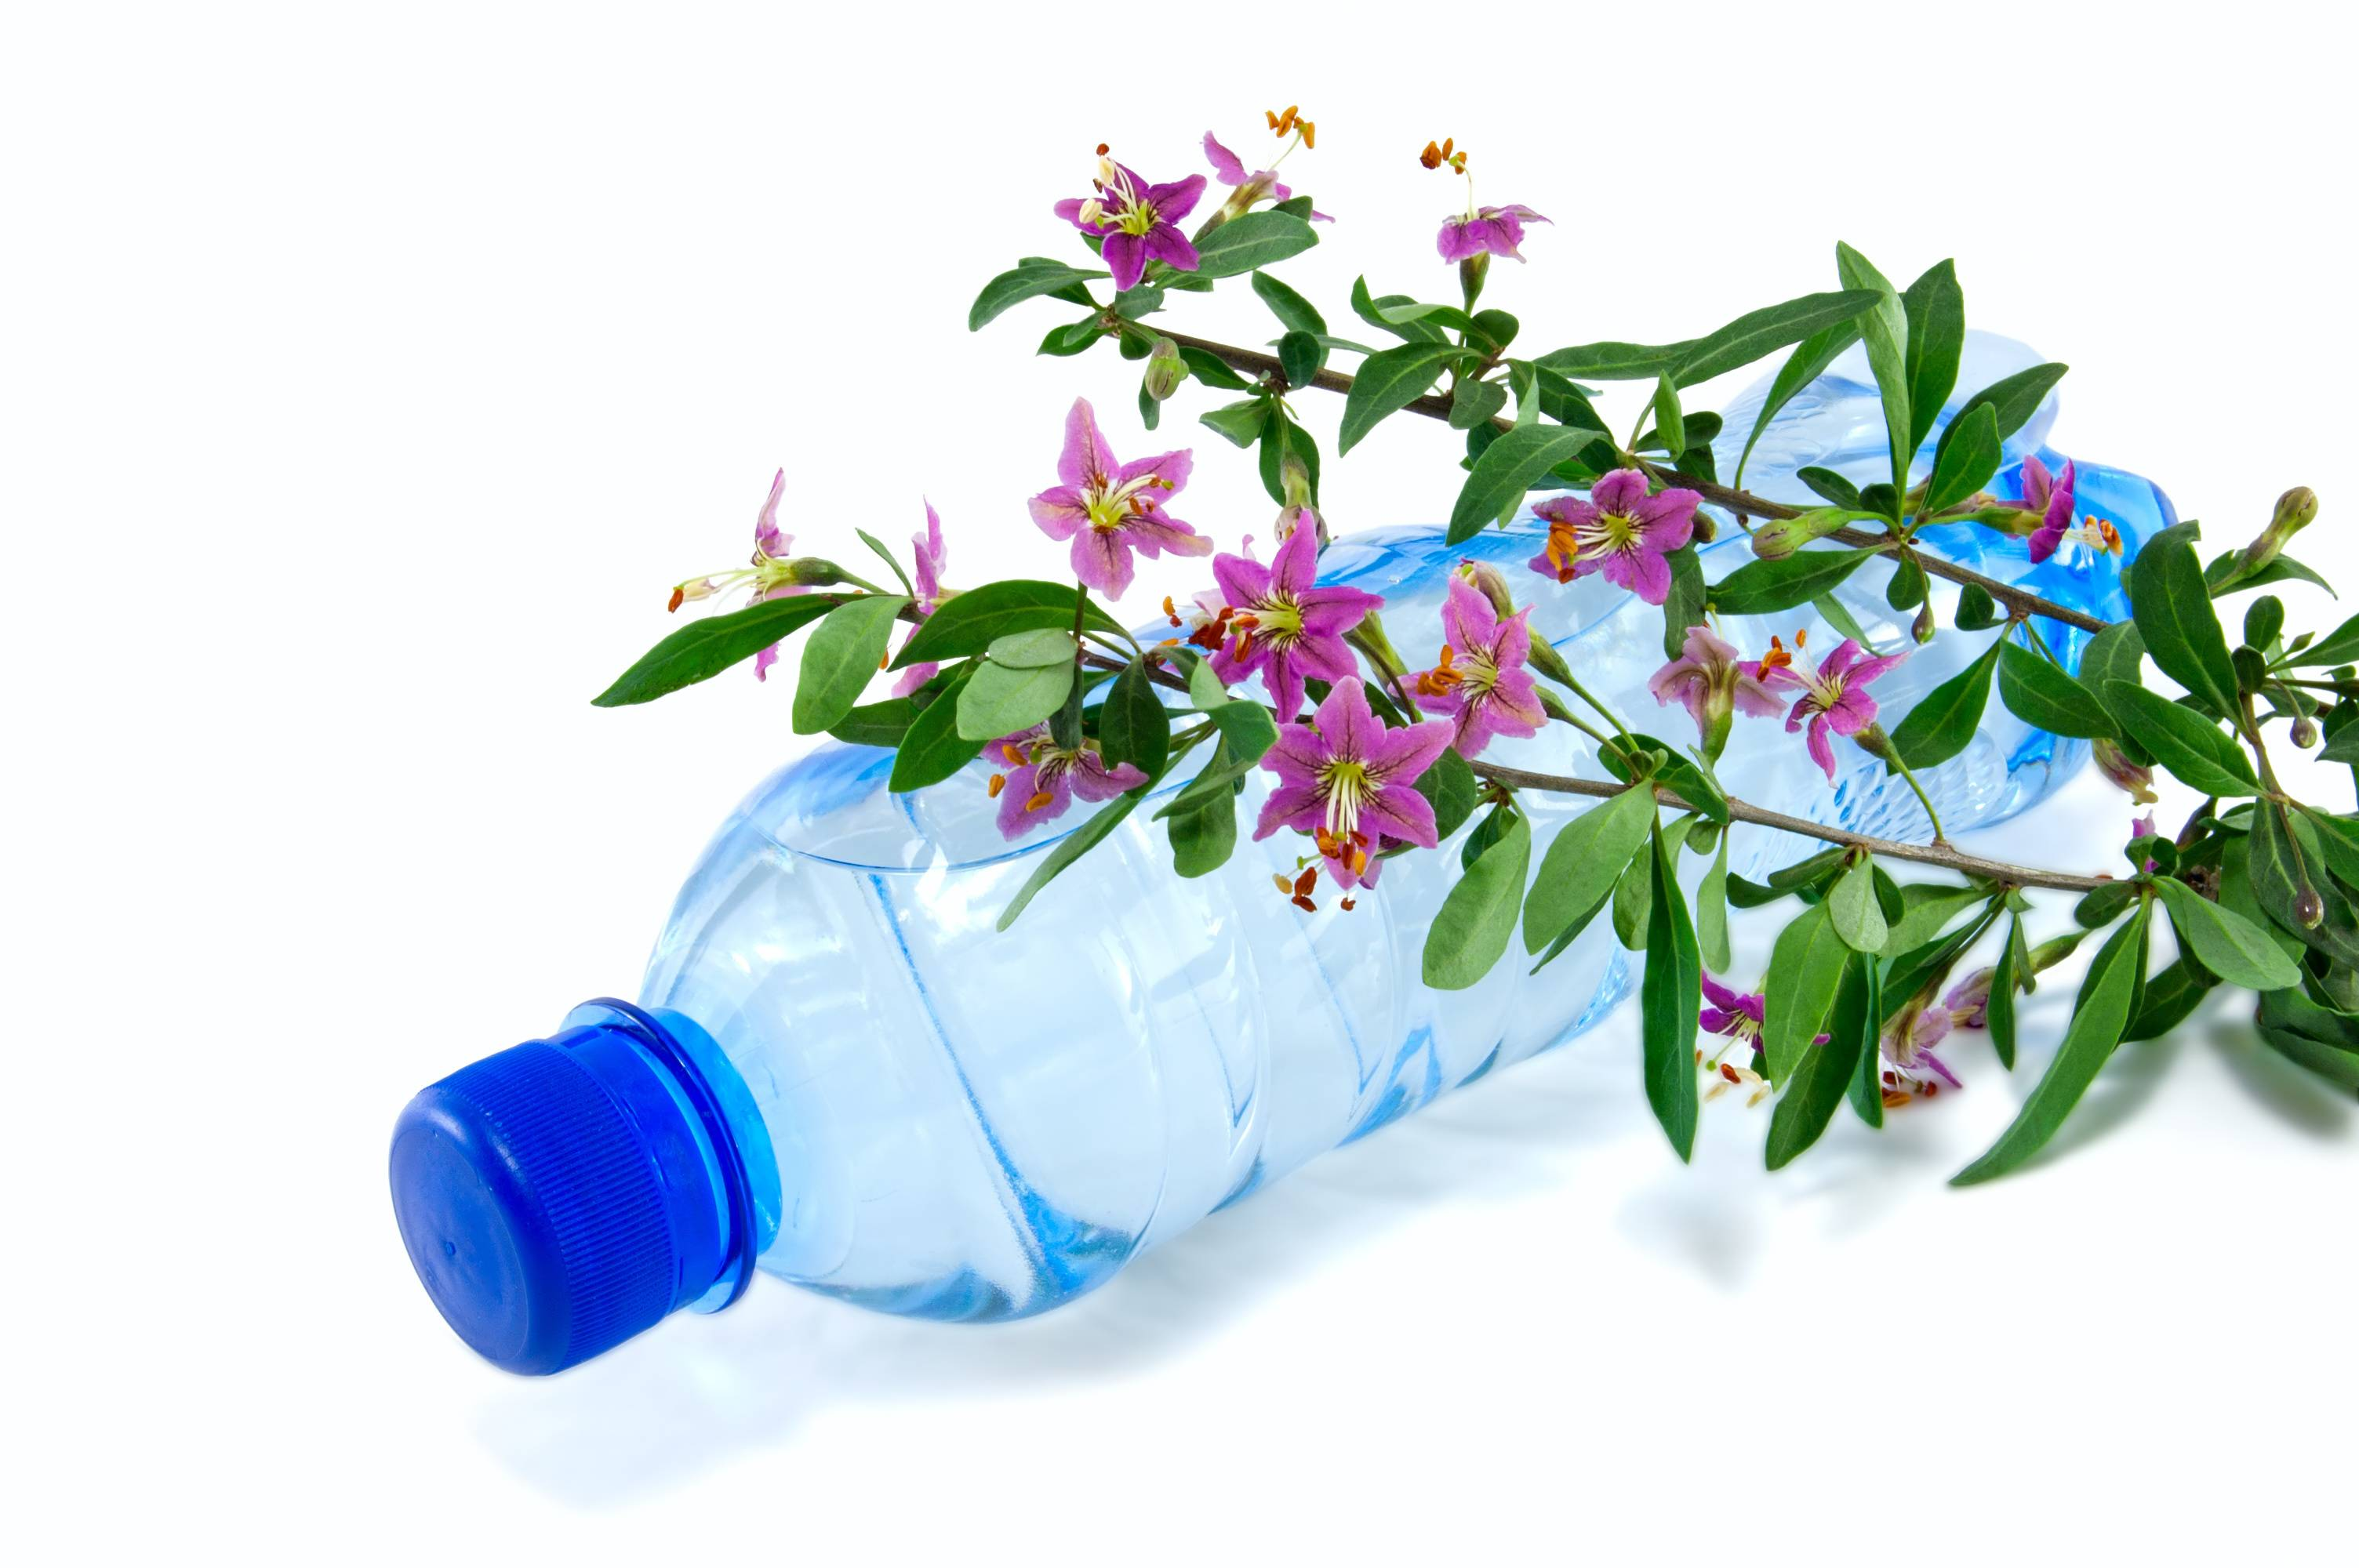 fabriquer des pots de fleurs rigolos avec des bouteilles en plastique. Black Bedroom Furniture Sets. Home Design Ideas